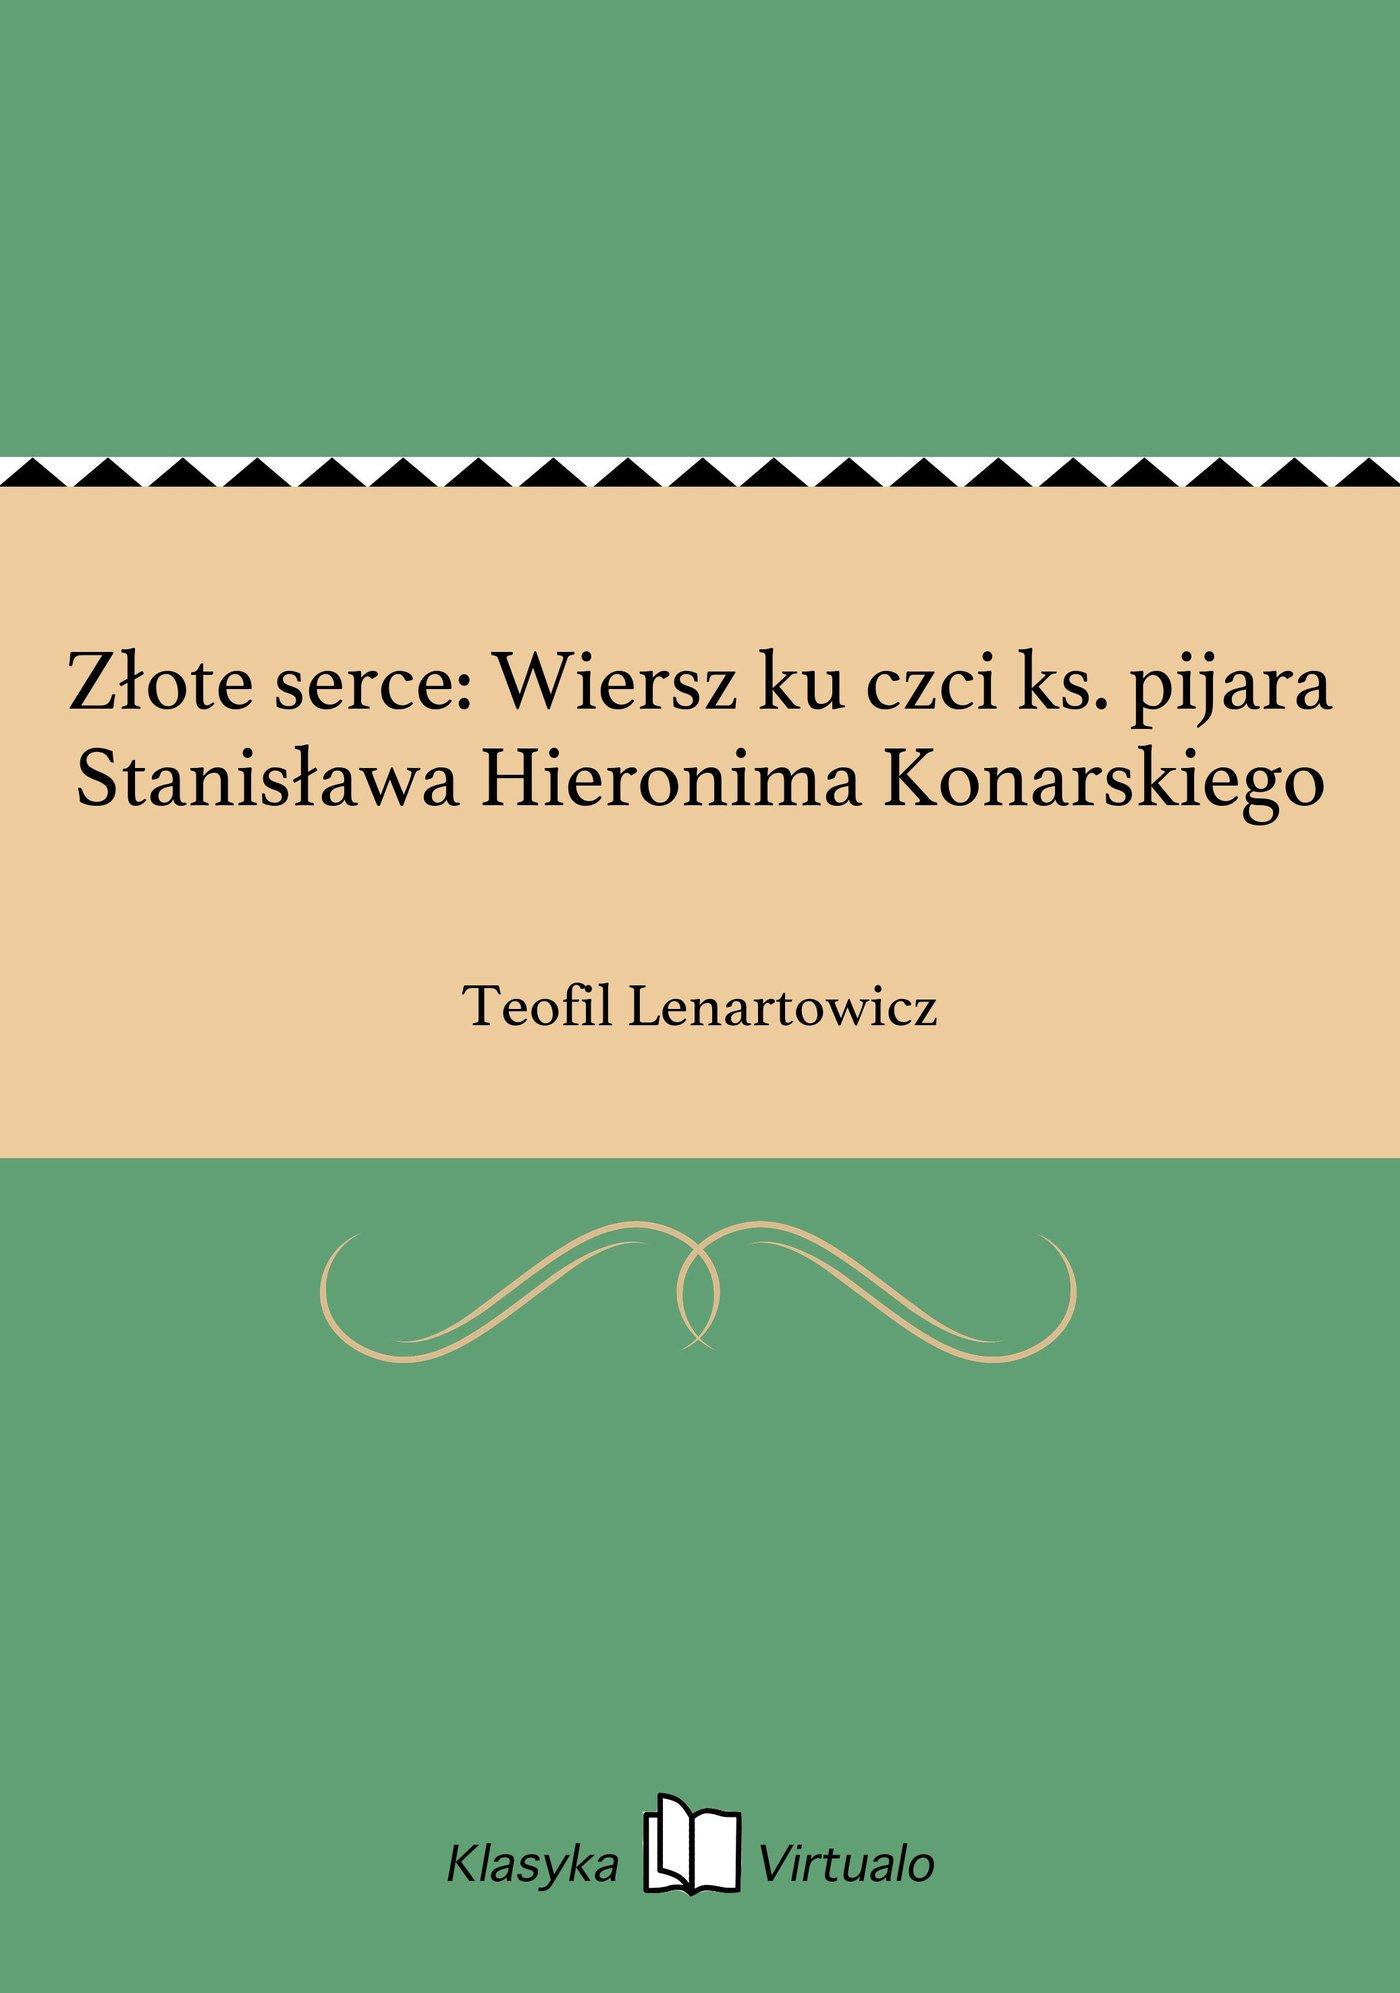 Złote serce: Wiersz ku czci ks. pijara Stanisława Hieronima Konarskiego - Ebook (Książka EPUB) do pobrania w formacie EPUB